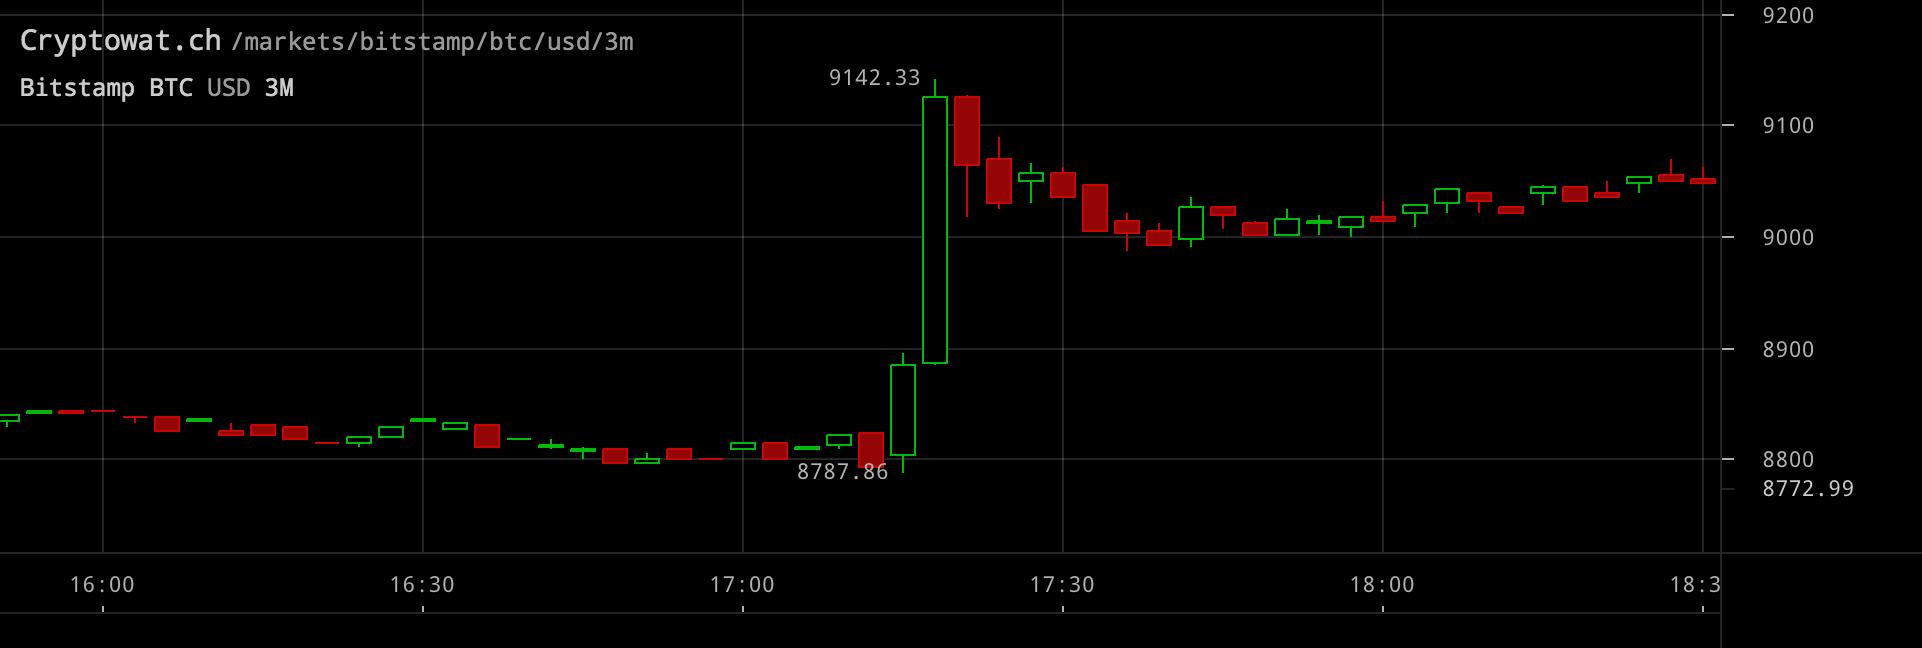 Bitcoinpriset inställt på treminutersvy.